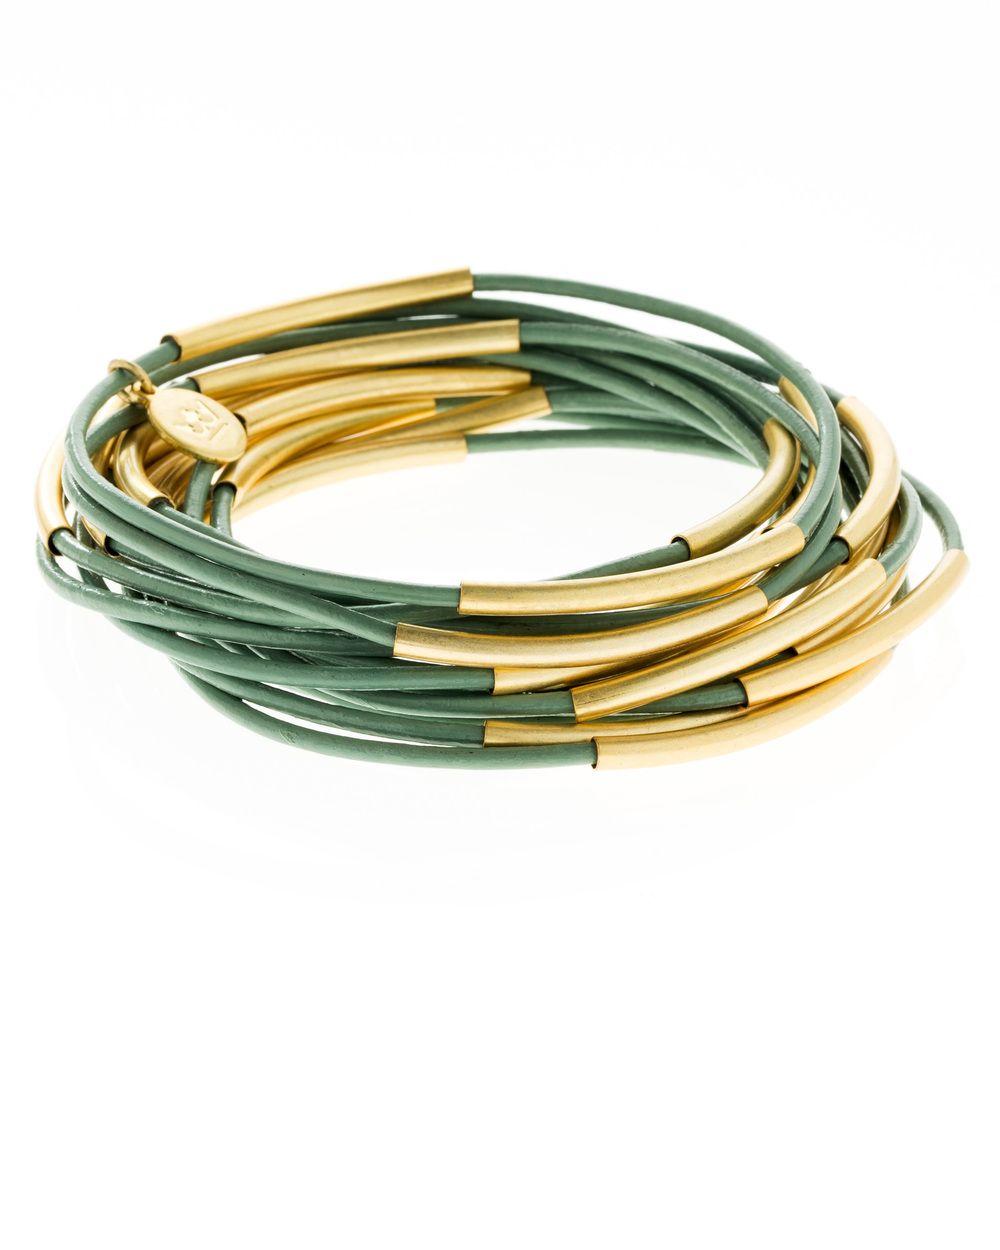 Valmano de schmuck  Sence Copenhagen Armband Urban Gipsy • Bei VALMANO.de | A jewelry ...